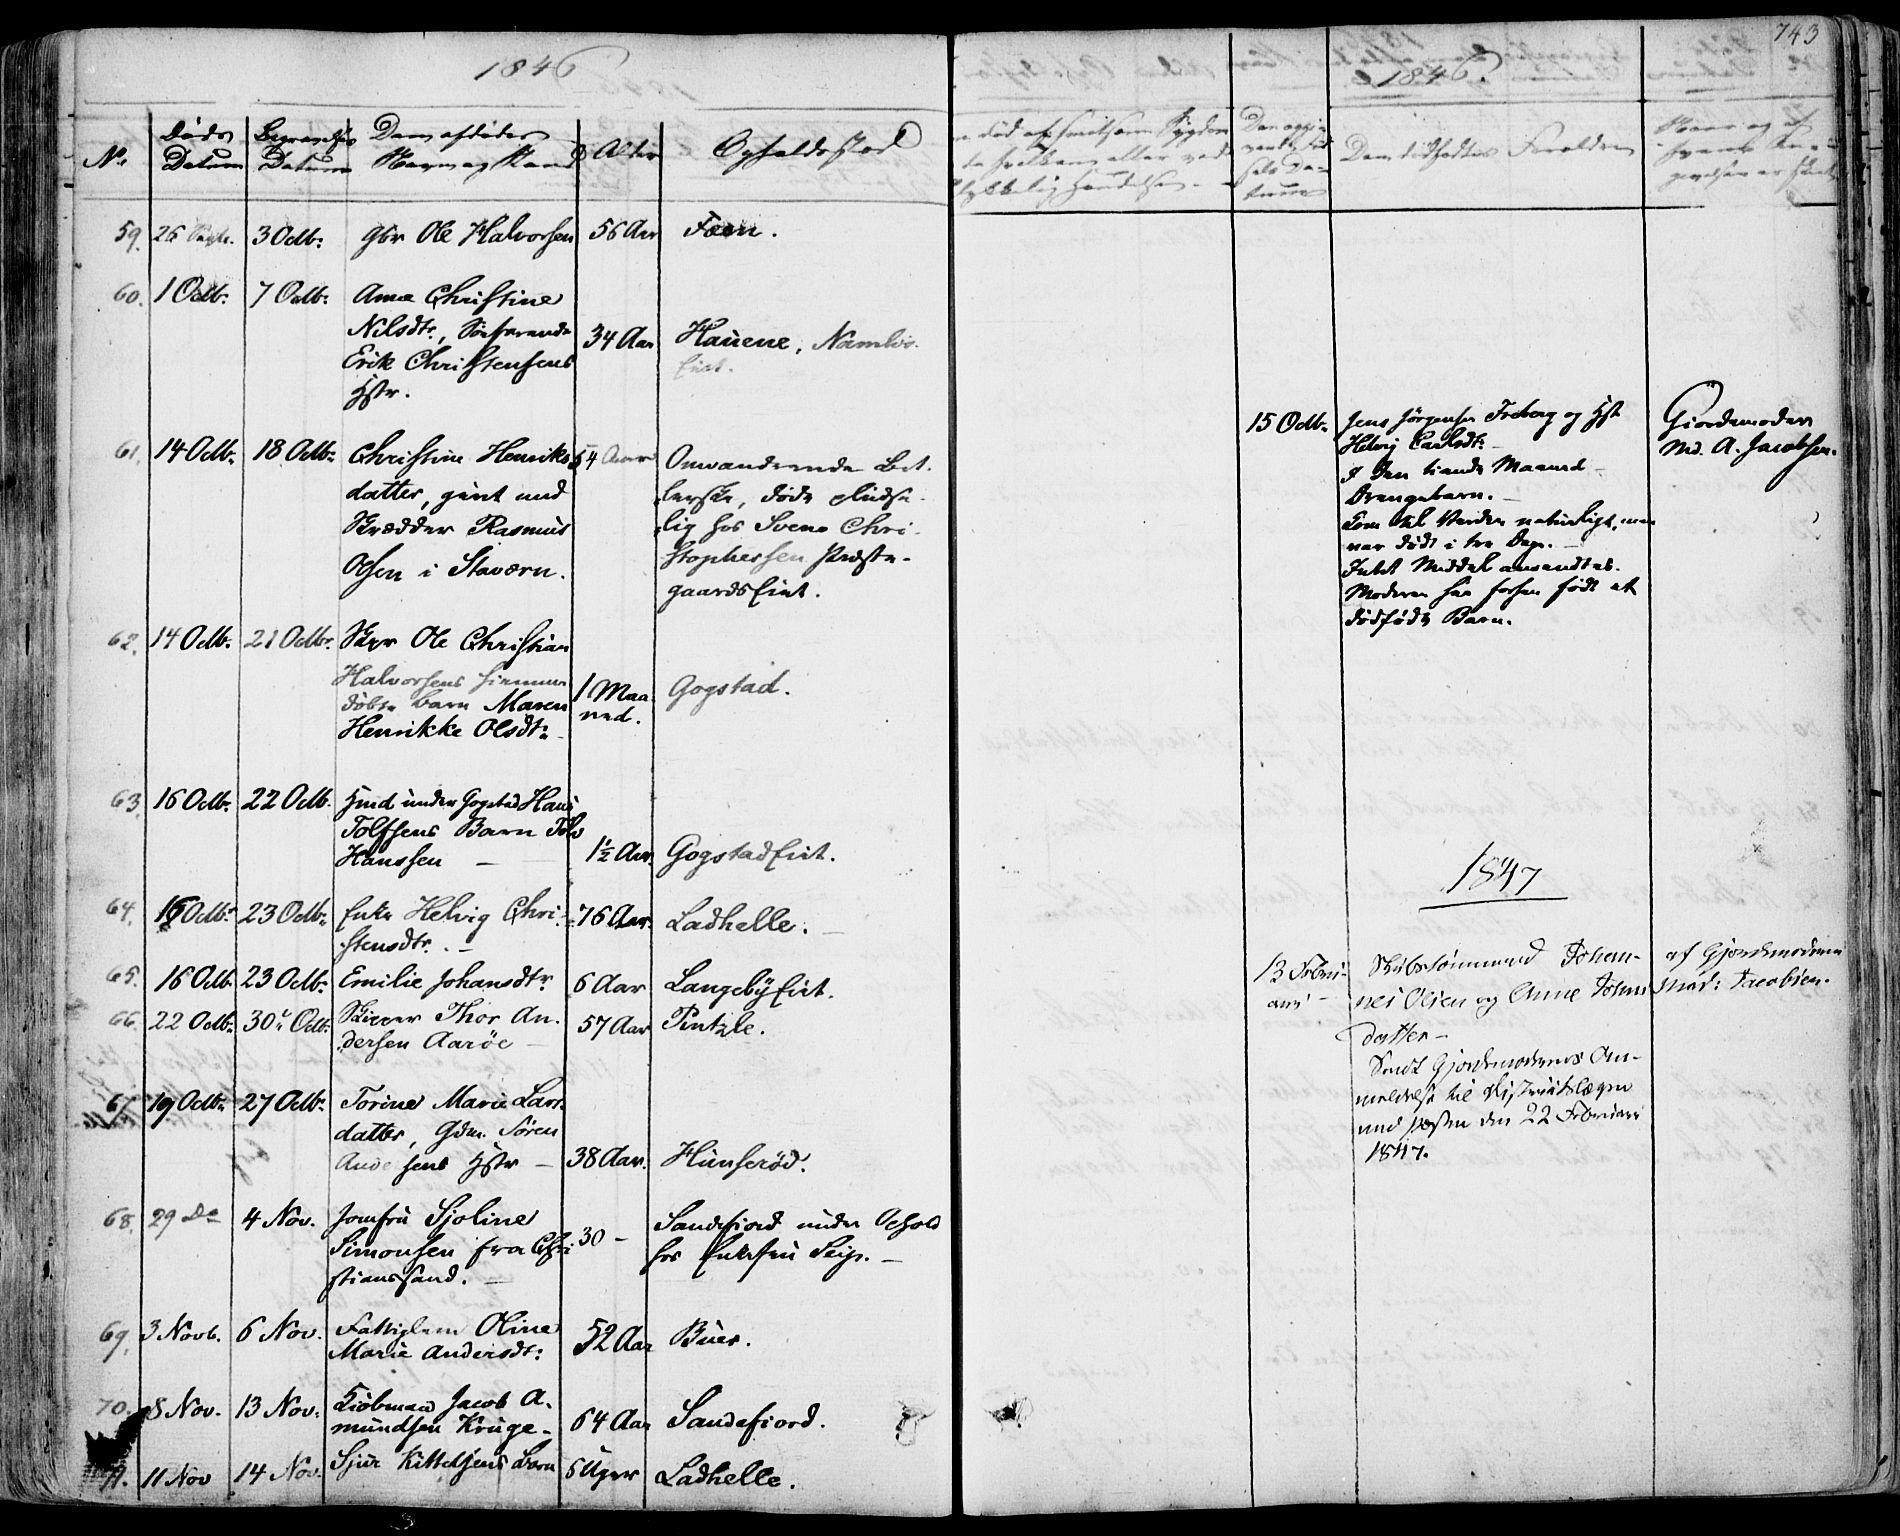 SAKO, Sandar kirkebøker, F/Fa/L0005: Ministerialbok nr. 5, 1832-1847, s. 742-743